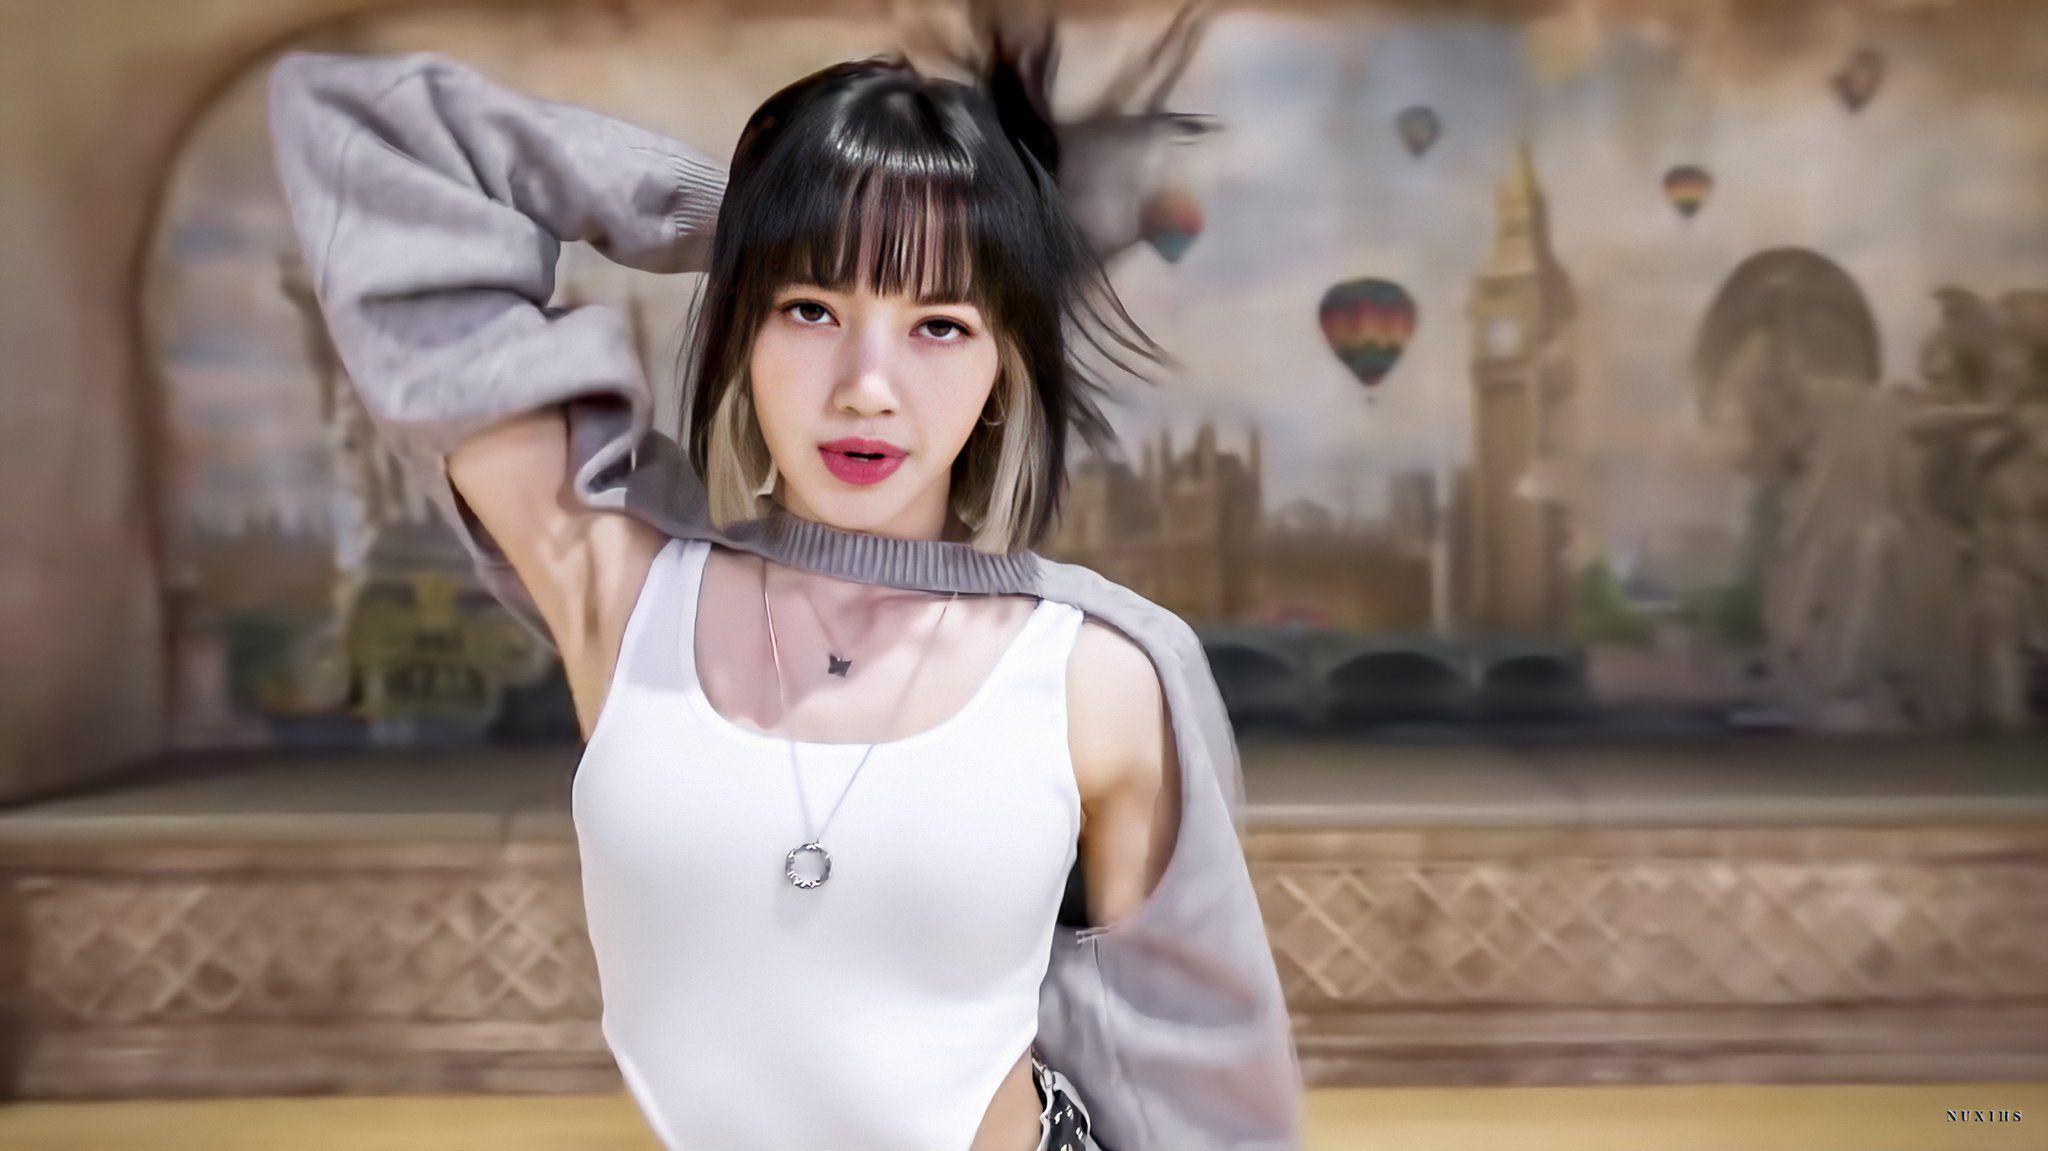 On Twitter Lisa 리사 Blackpink 𝐋𝐨𝐯𝐞𝐬𝐢𝐜𝐤 𝐆𝐢𝐫𝐥𝐬 Lisa Hair Girl Girl Dancing